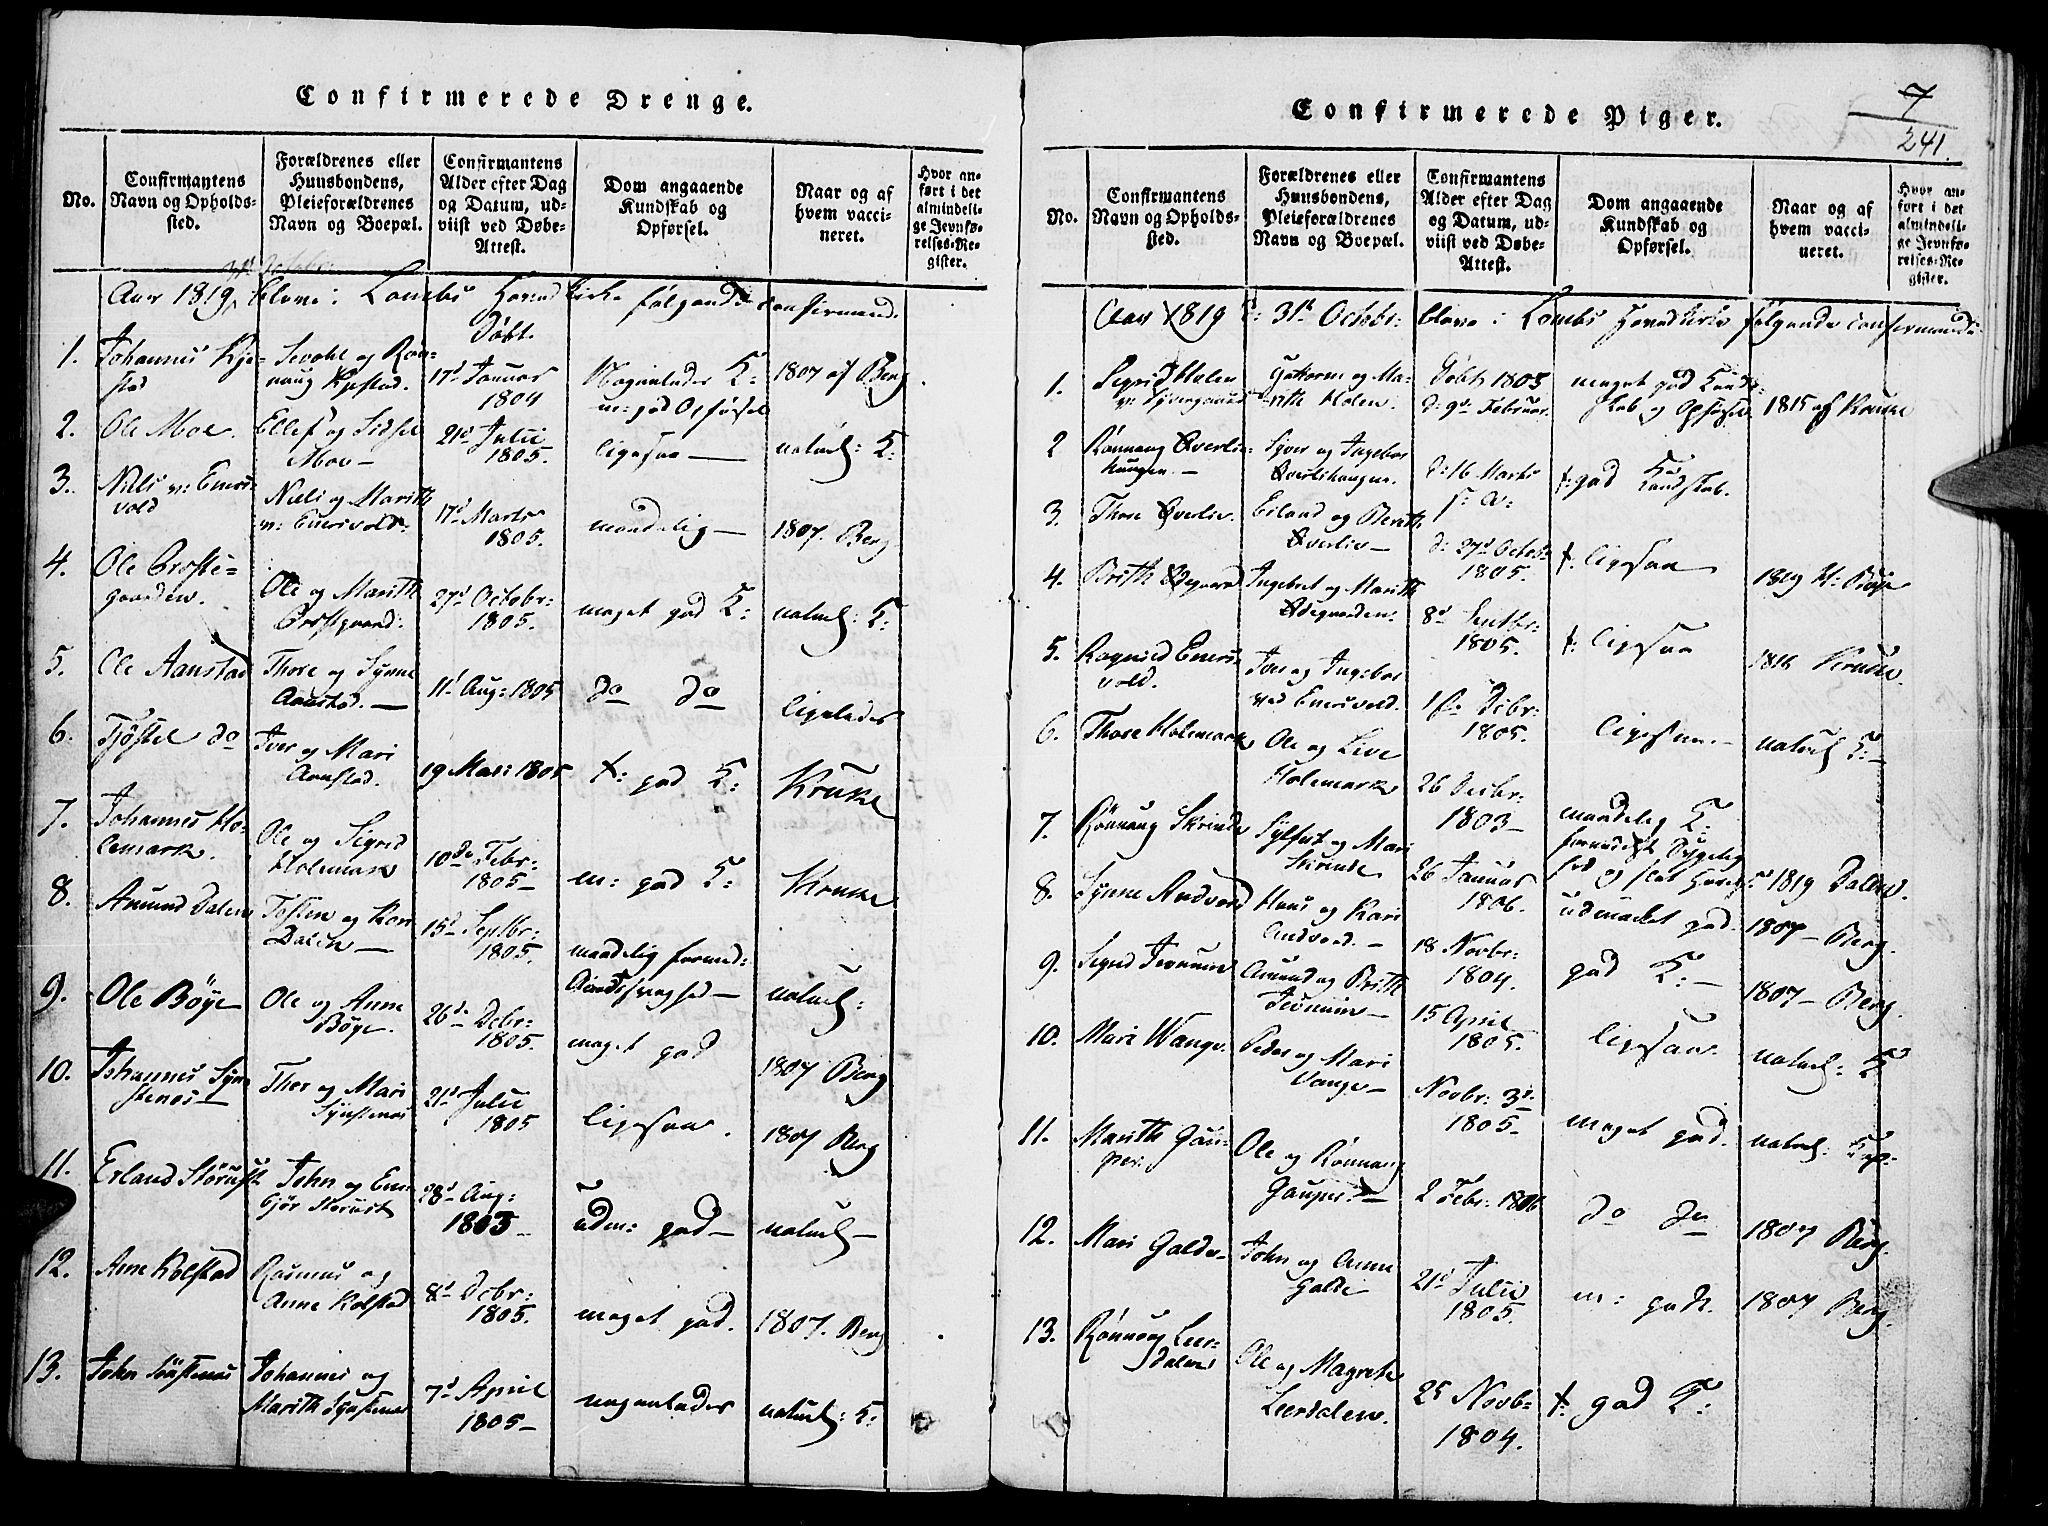 SAH, Lom prestekontor, K/L0004: Ministerialbok nr. 4, 1815-1825, s. 241